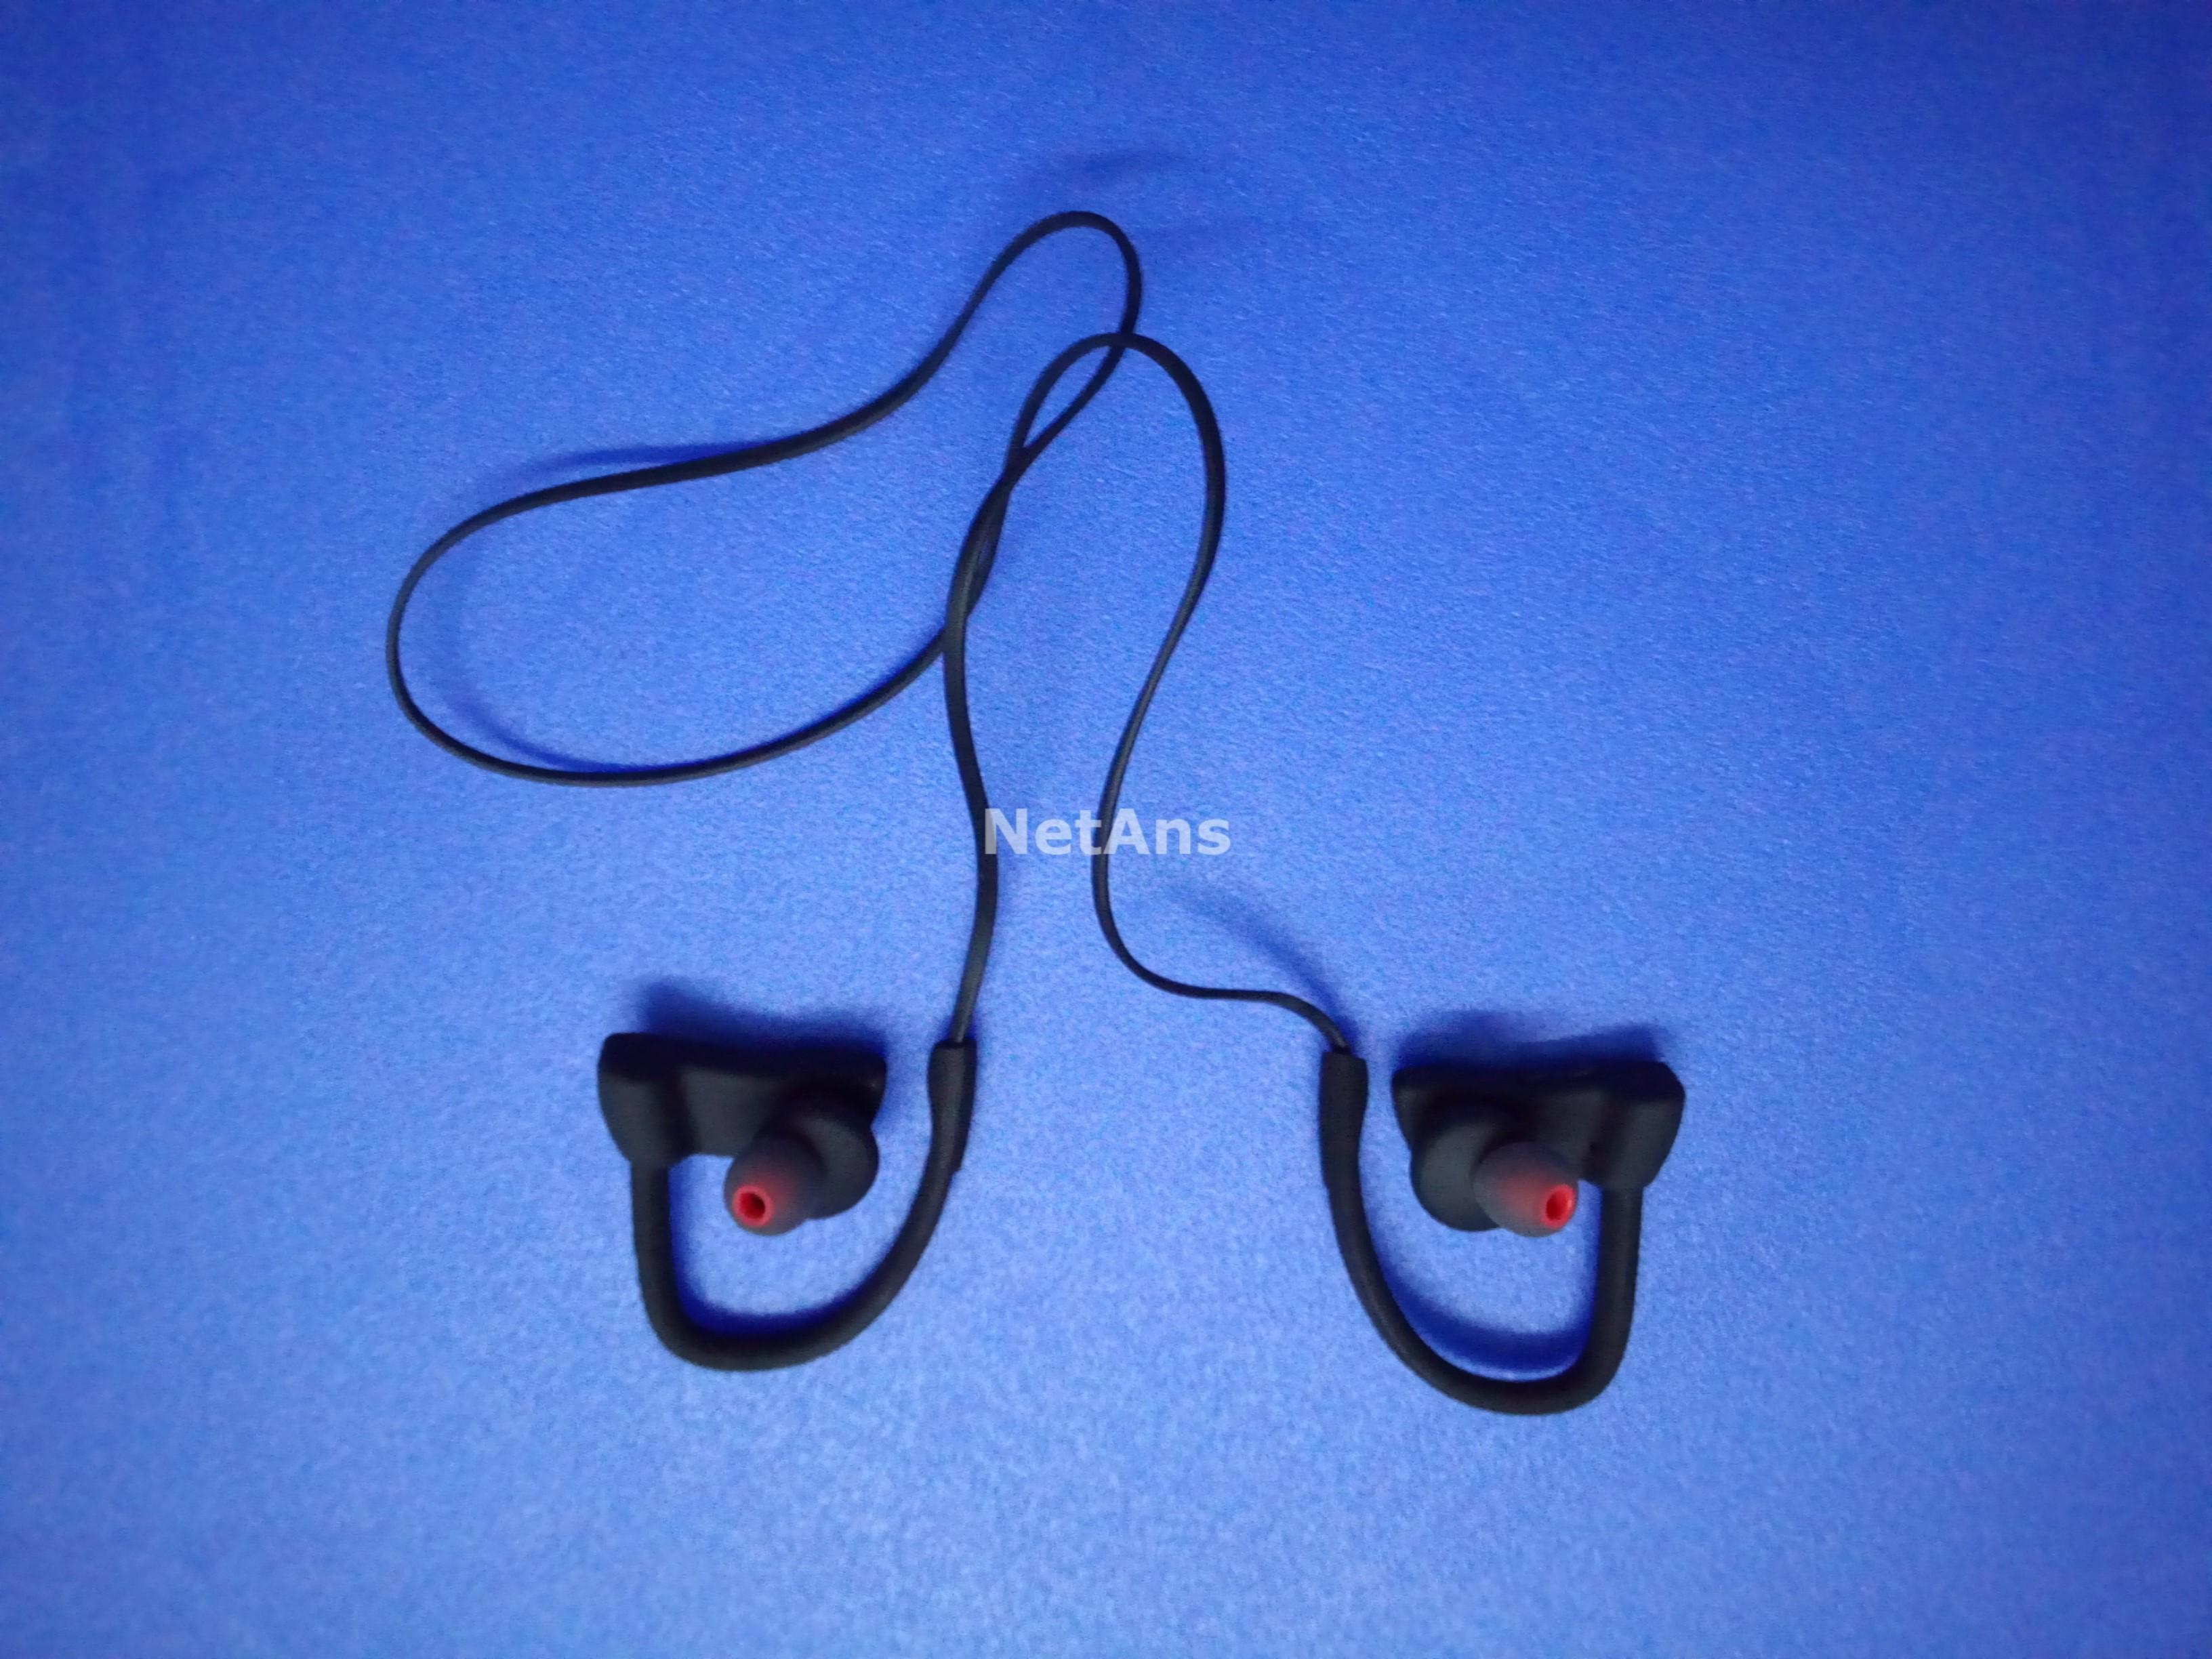 MGCOOL Wave earphone